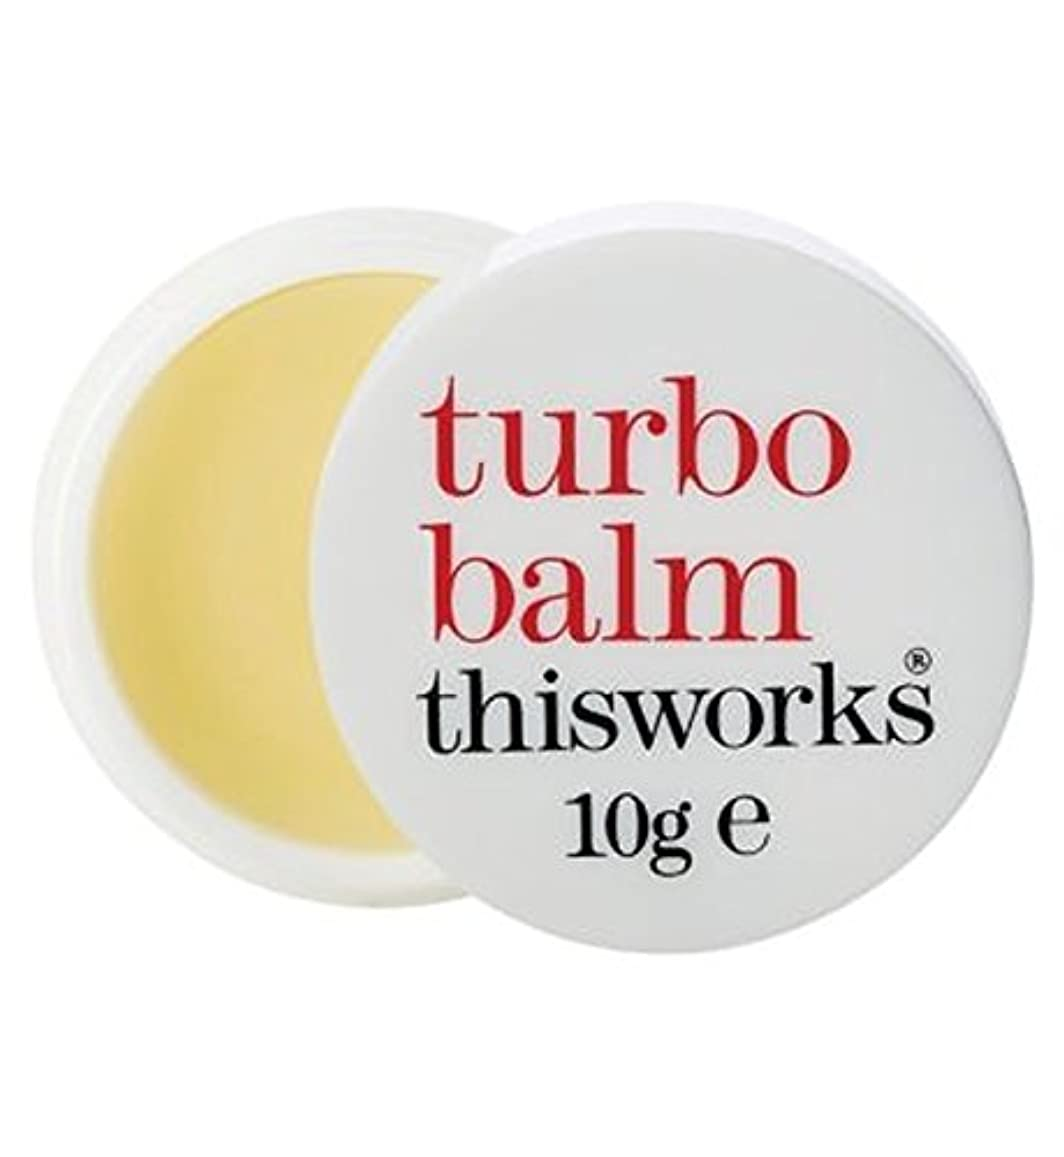 ハロウィン廃止する実際のthis works in transit Turbo Balm 10g - これはトランジットターボバーム10Gで動作します (This Works) [並行輸入品]